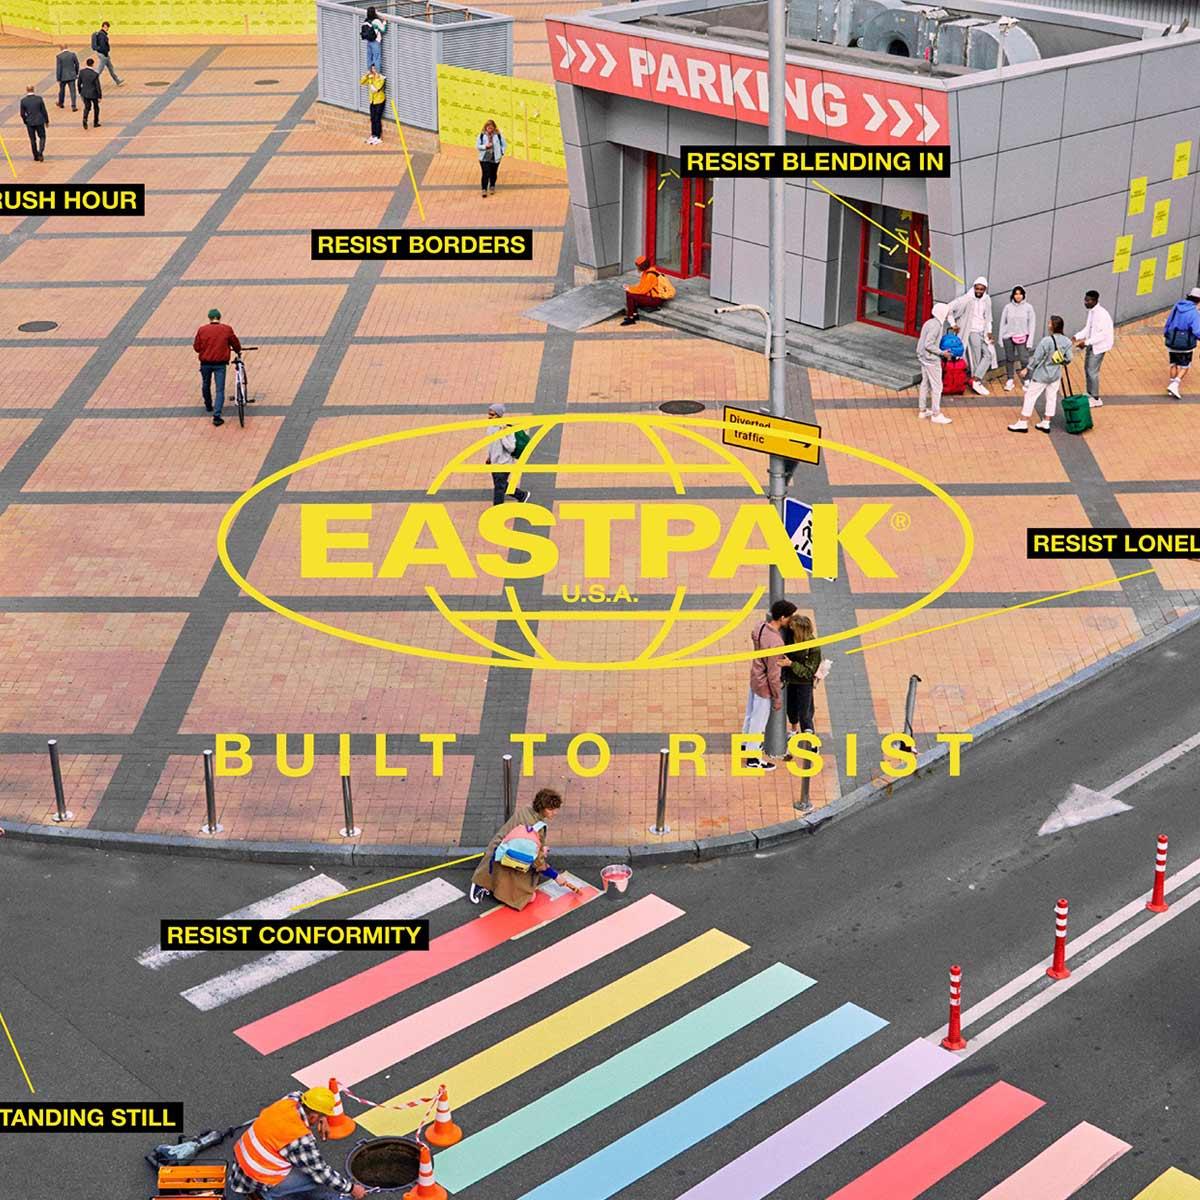 eastpak image 1